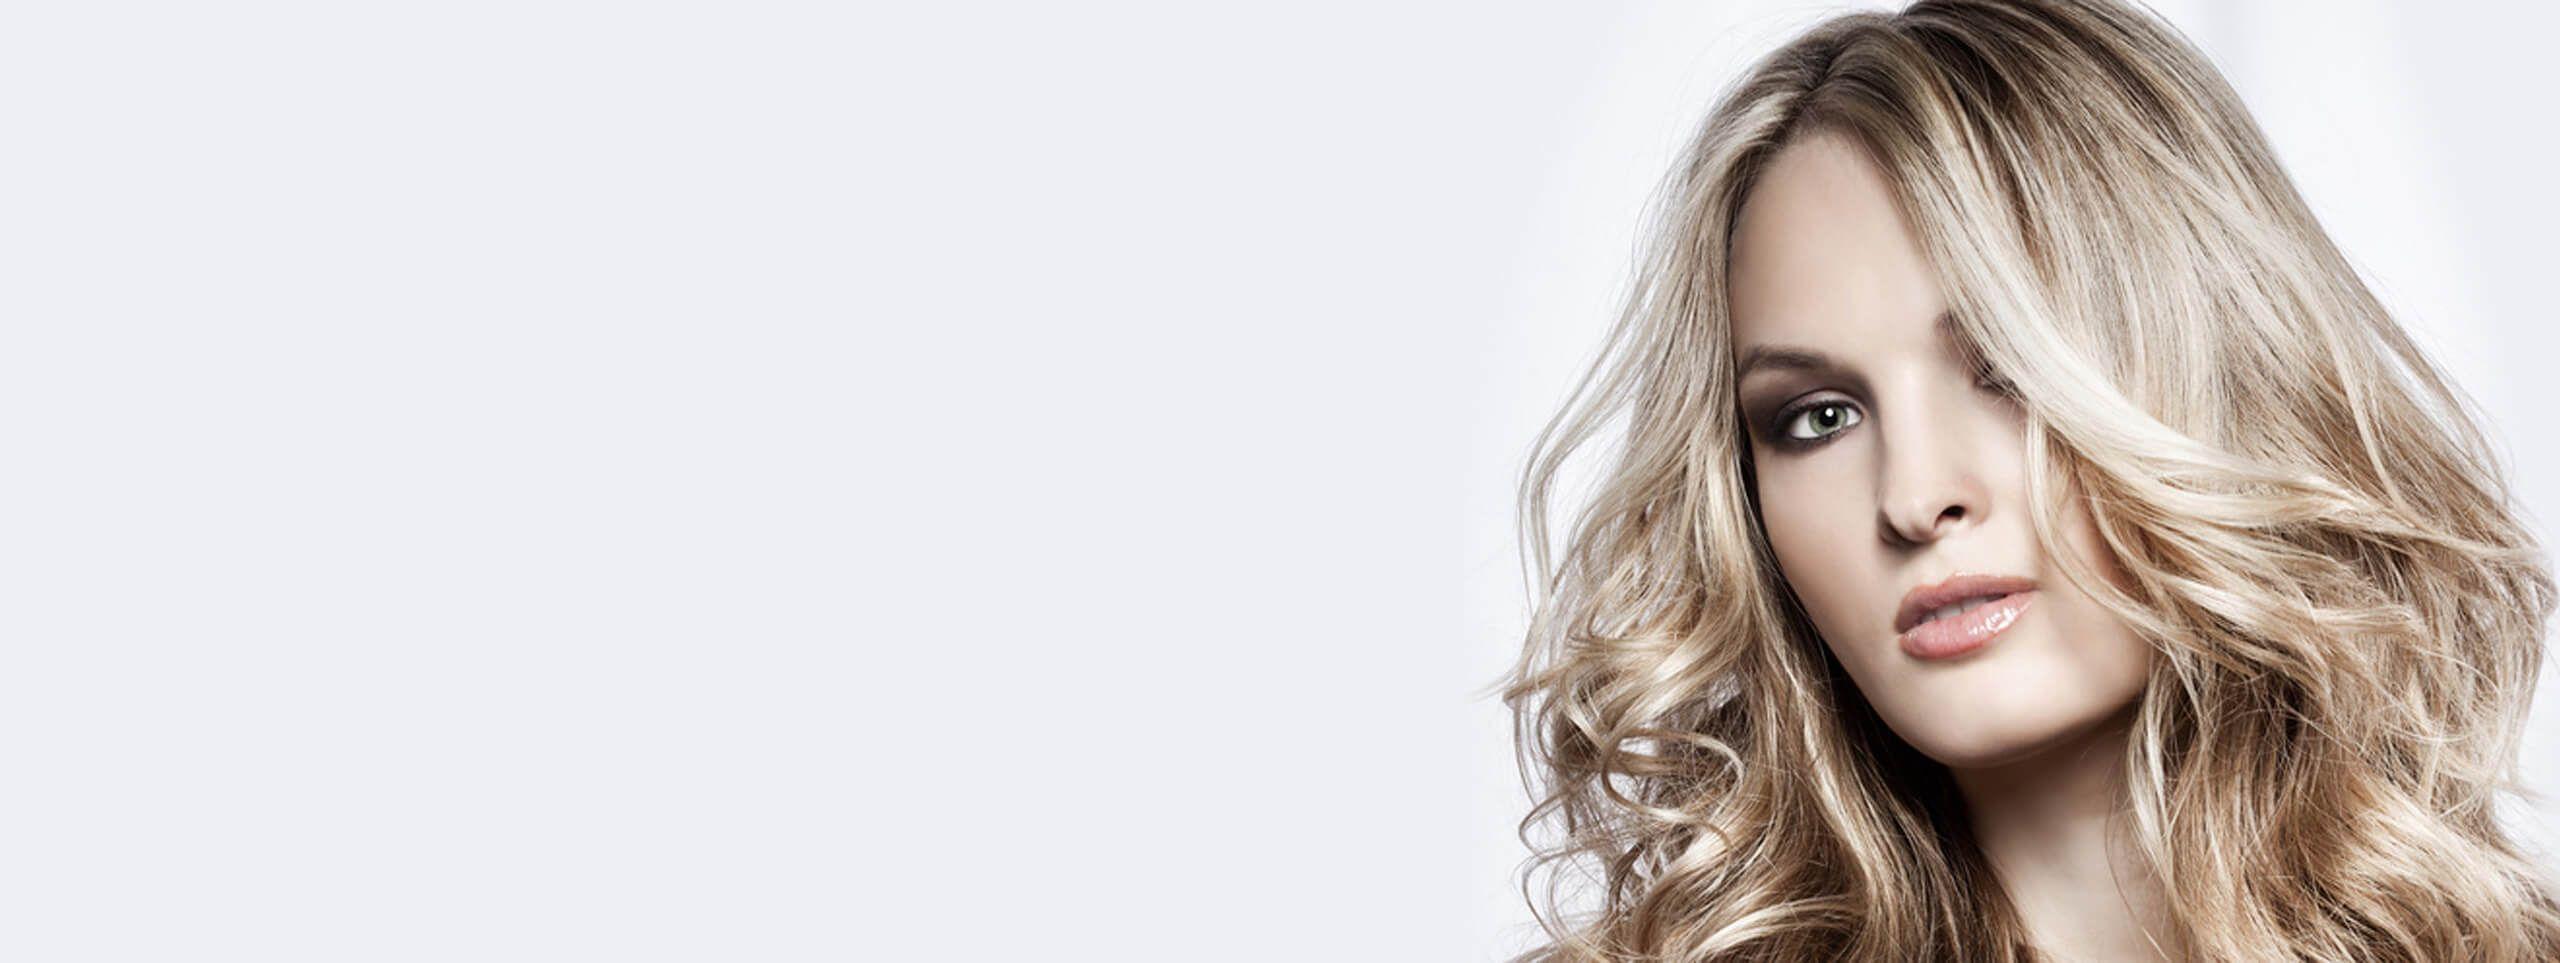 Осветленные волосы кудри